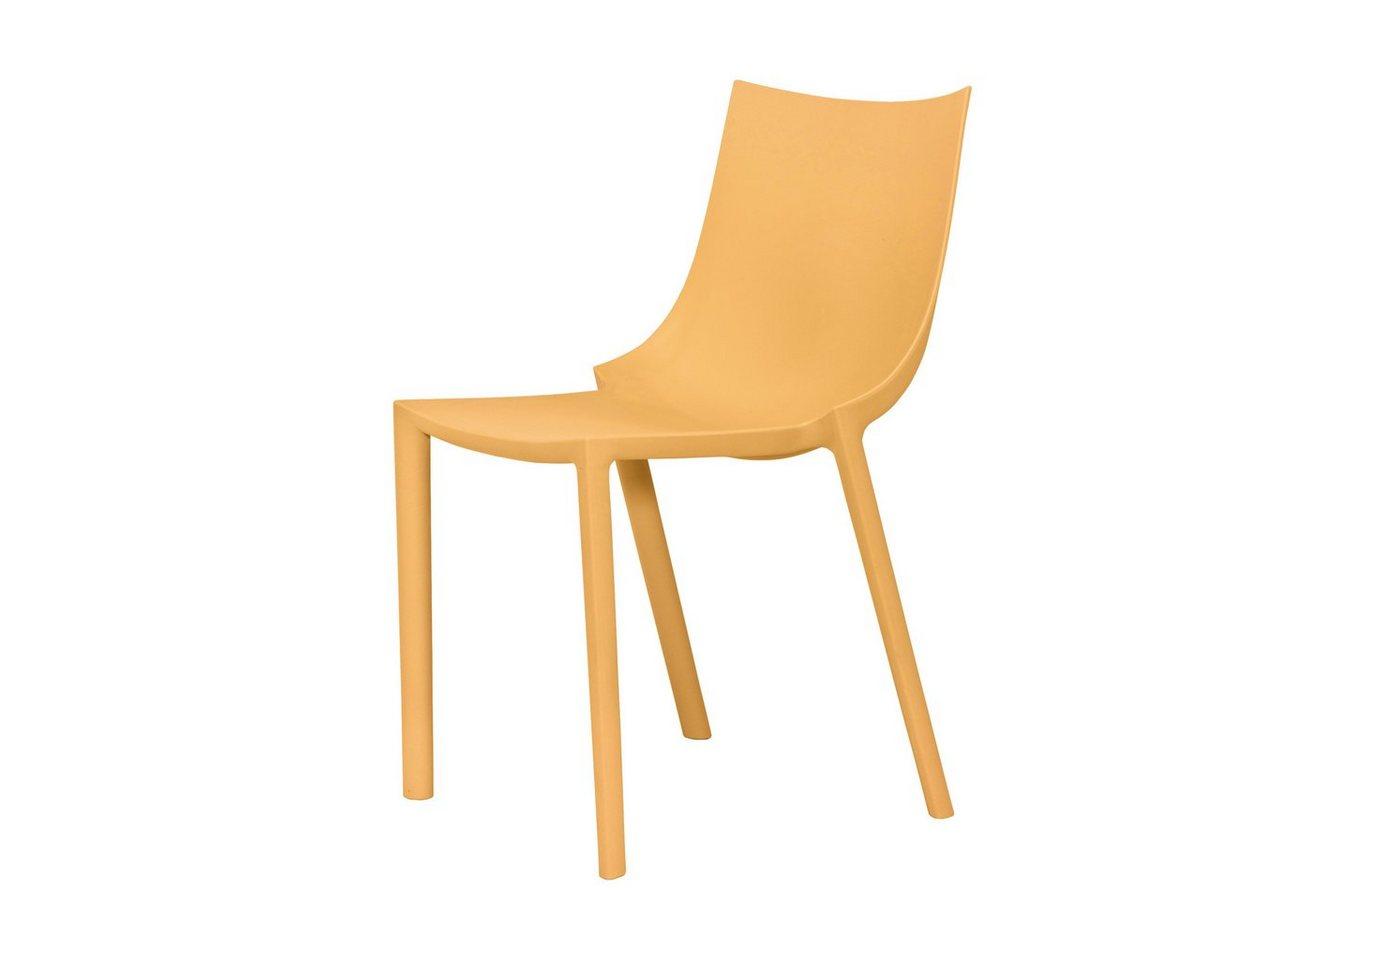 Driade Stapelstuhl »Bo« | Küche und Esszimmer > Stühle und Hocker > Esszimmerstühle | Orange | Driade